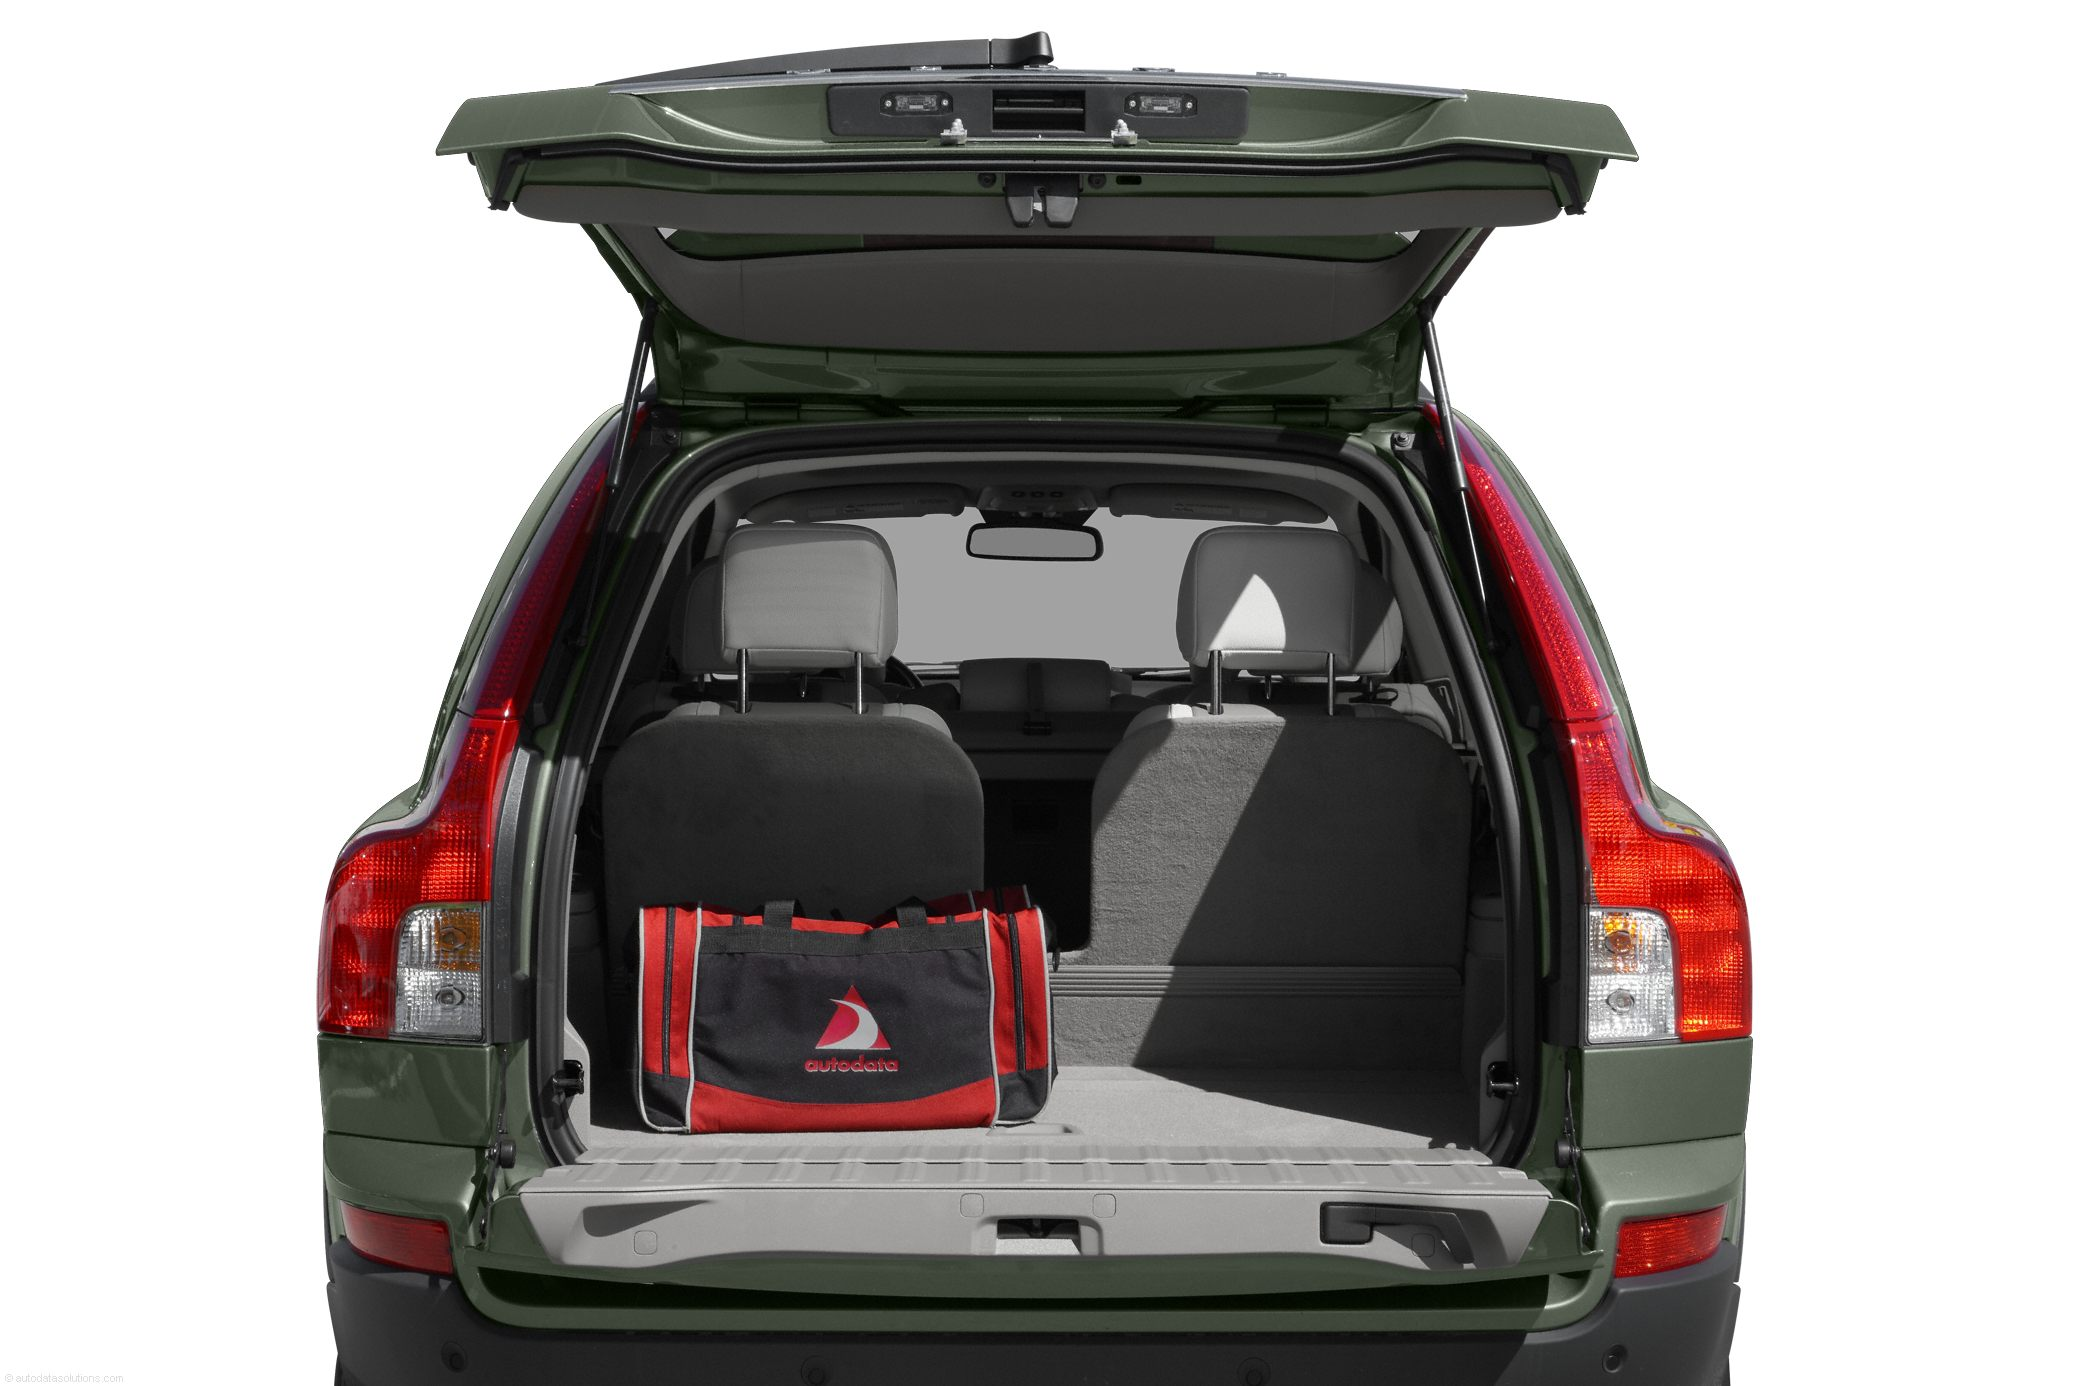 2010 Volvo Xc90 Image 8